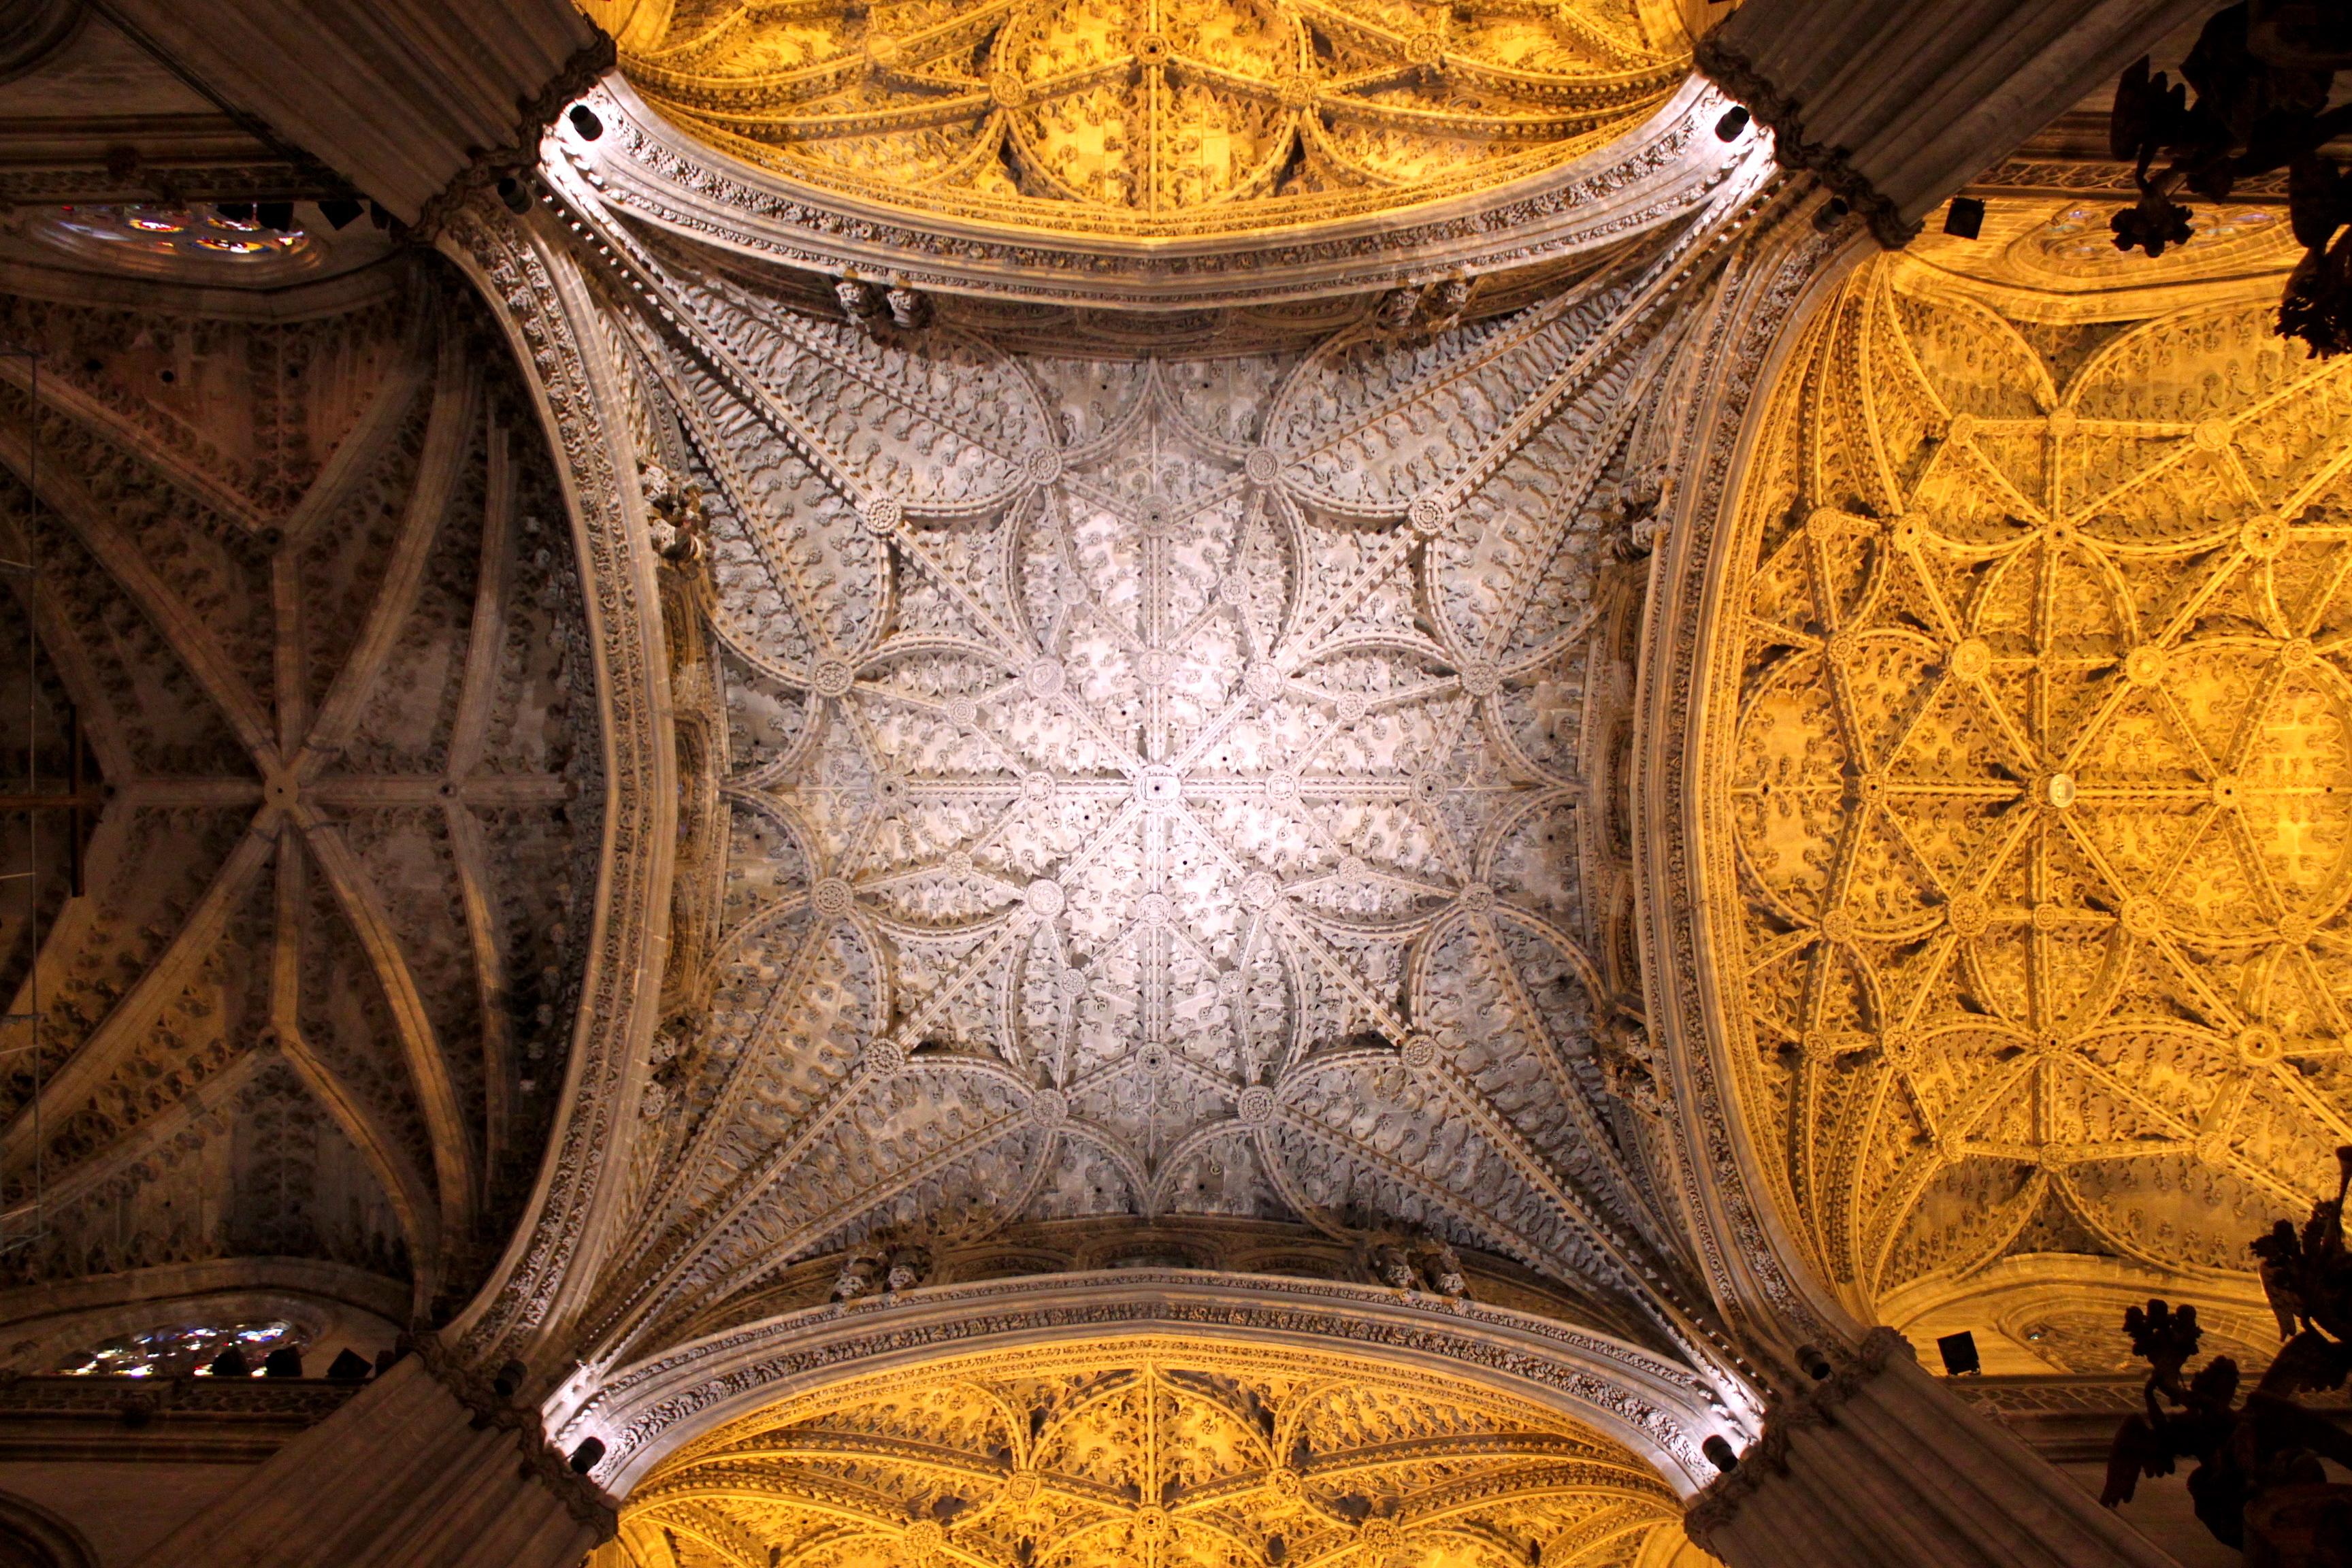 La parte più bella della Cattedrale di Siviglia la potete vedere con il naso all'insù